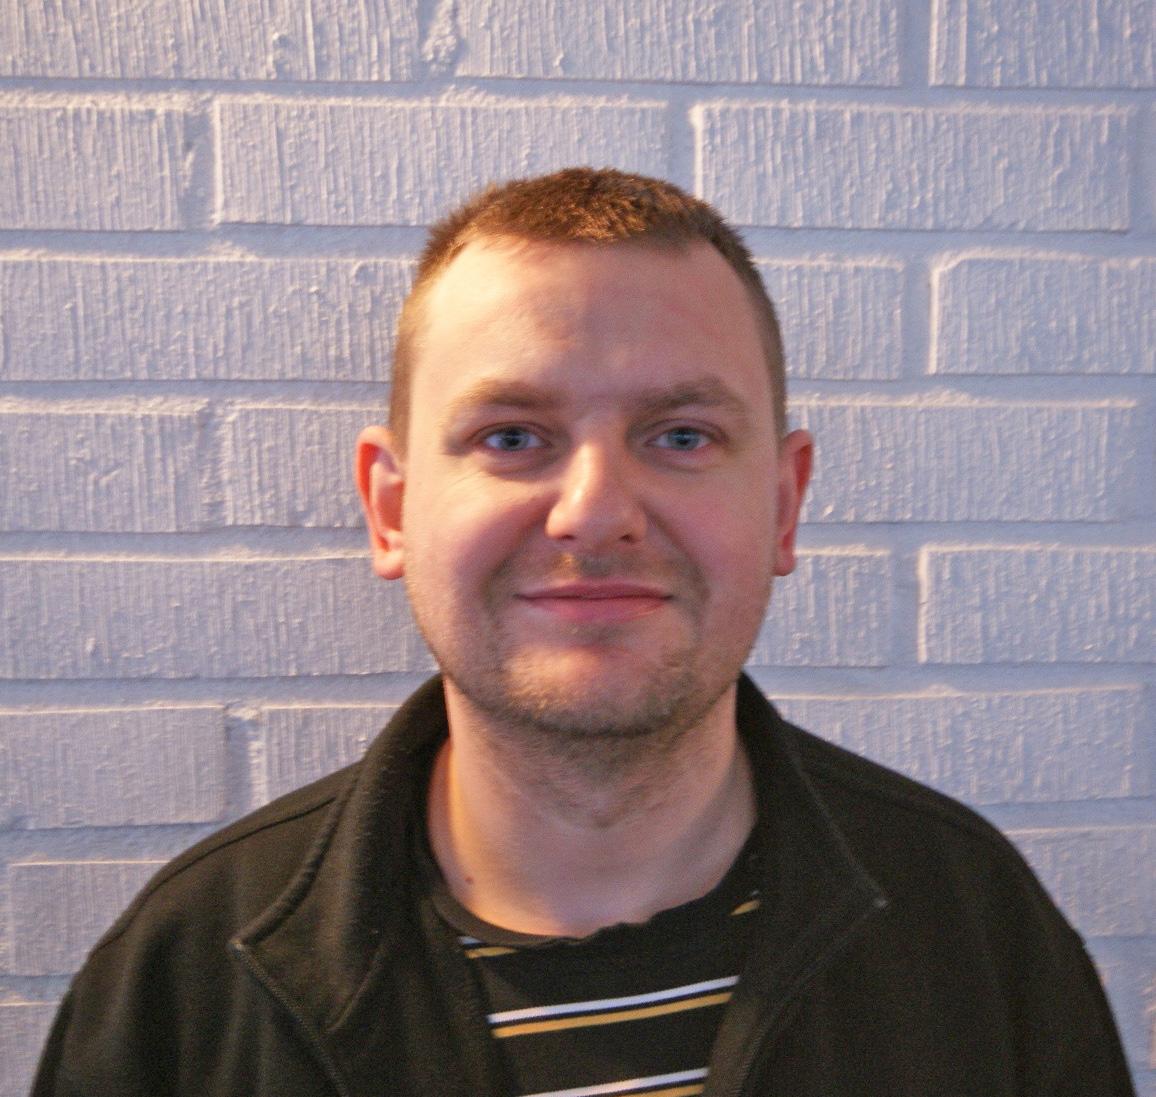 Bogdan Tomeczkowski